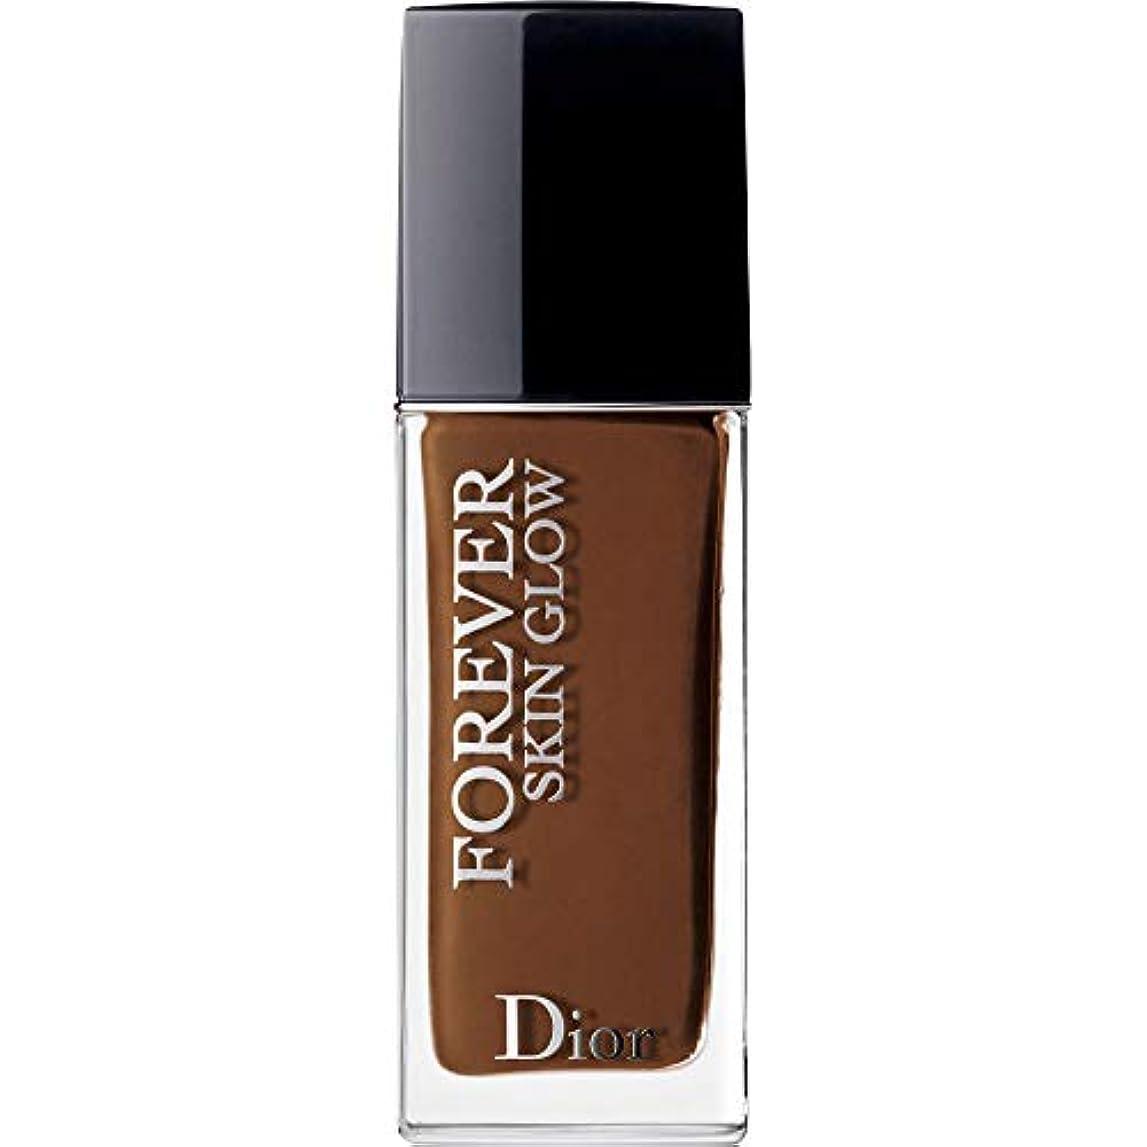 無駄だ普通にもう一度[Dior ] ディオール永遠に皮膚グロー皮膚思いやりの基礎Spf35 30ミリリットルの9N - ニュートラル(肌の輝き) - DIOR Forever Skin Glow Skin-Caring Foundation...